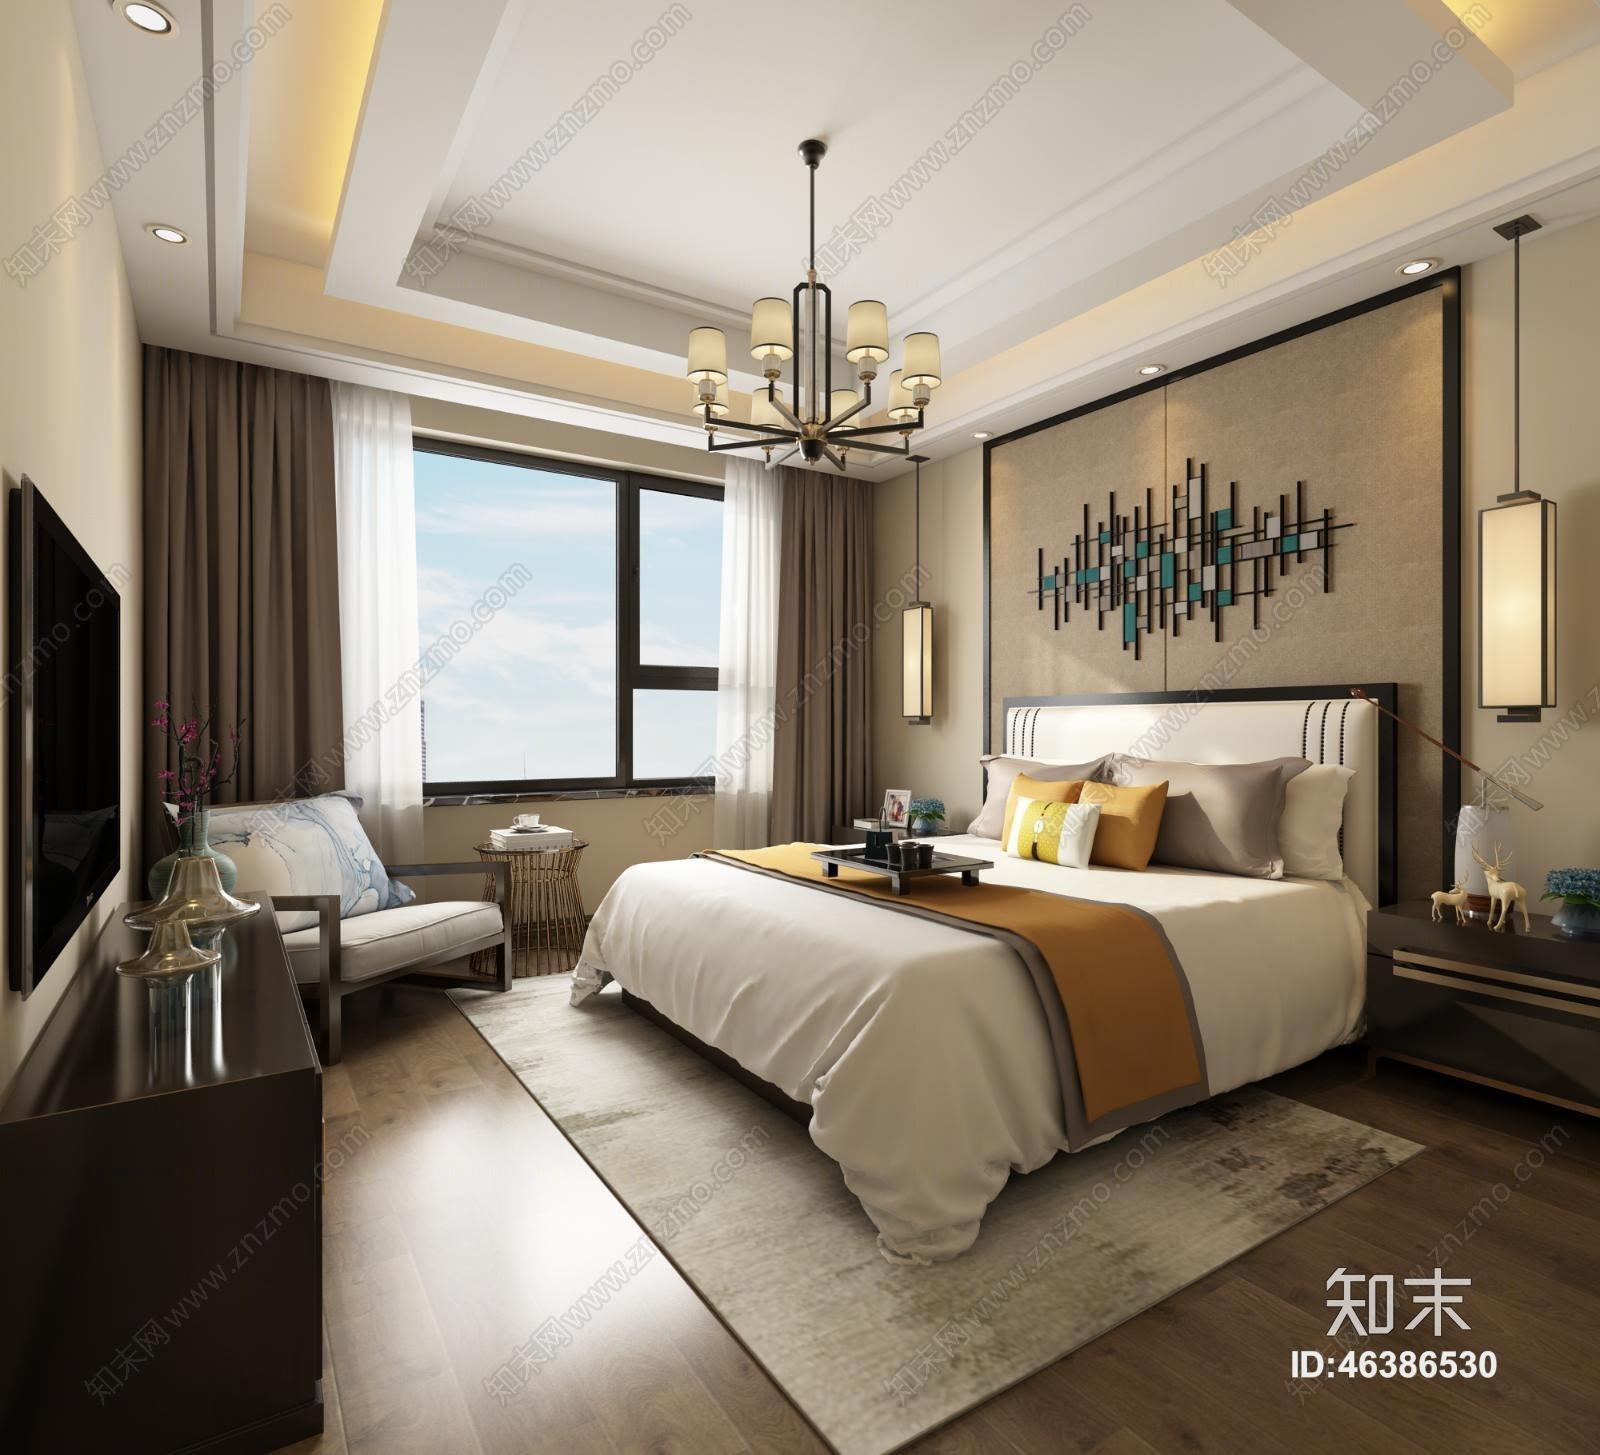 新中式主卧室 吊灯 壁灯 装饰柜 装饰物 沙发图片